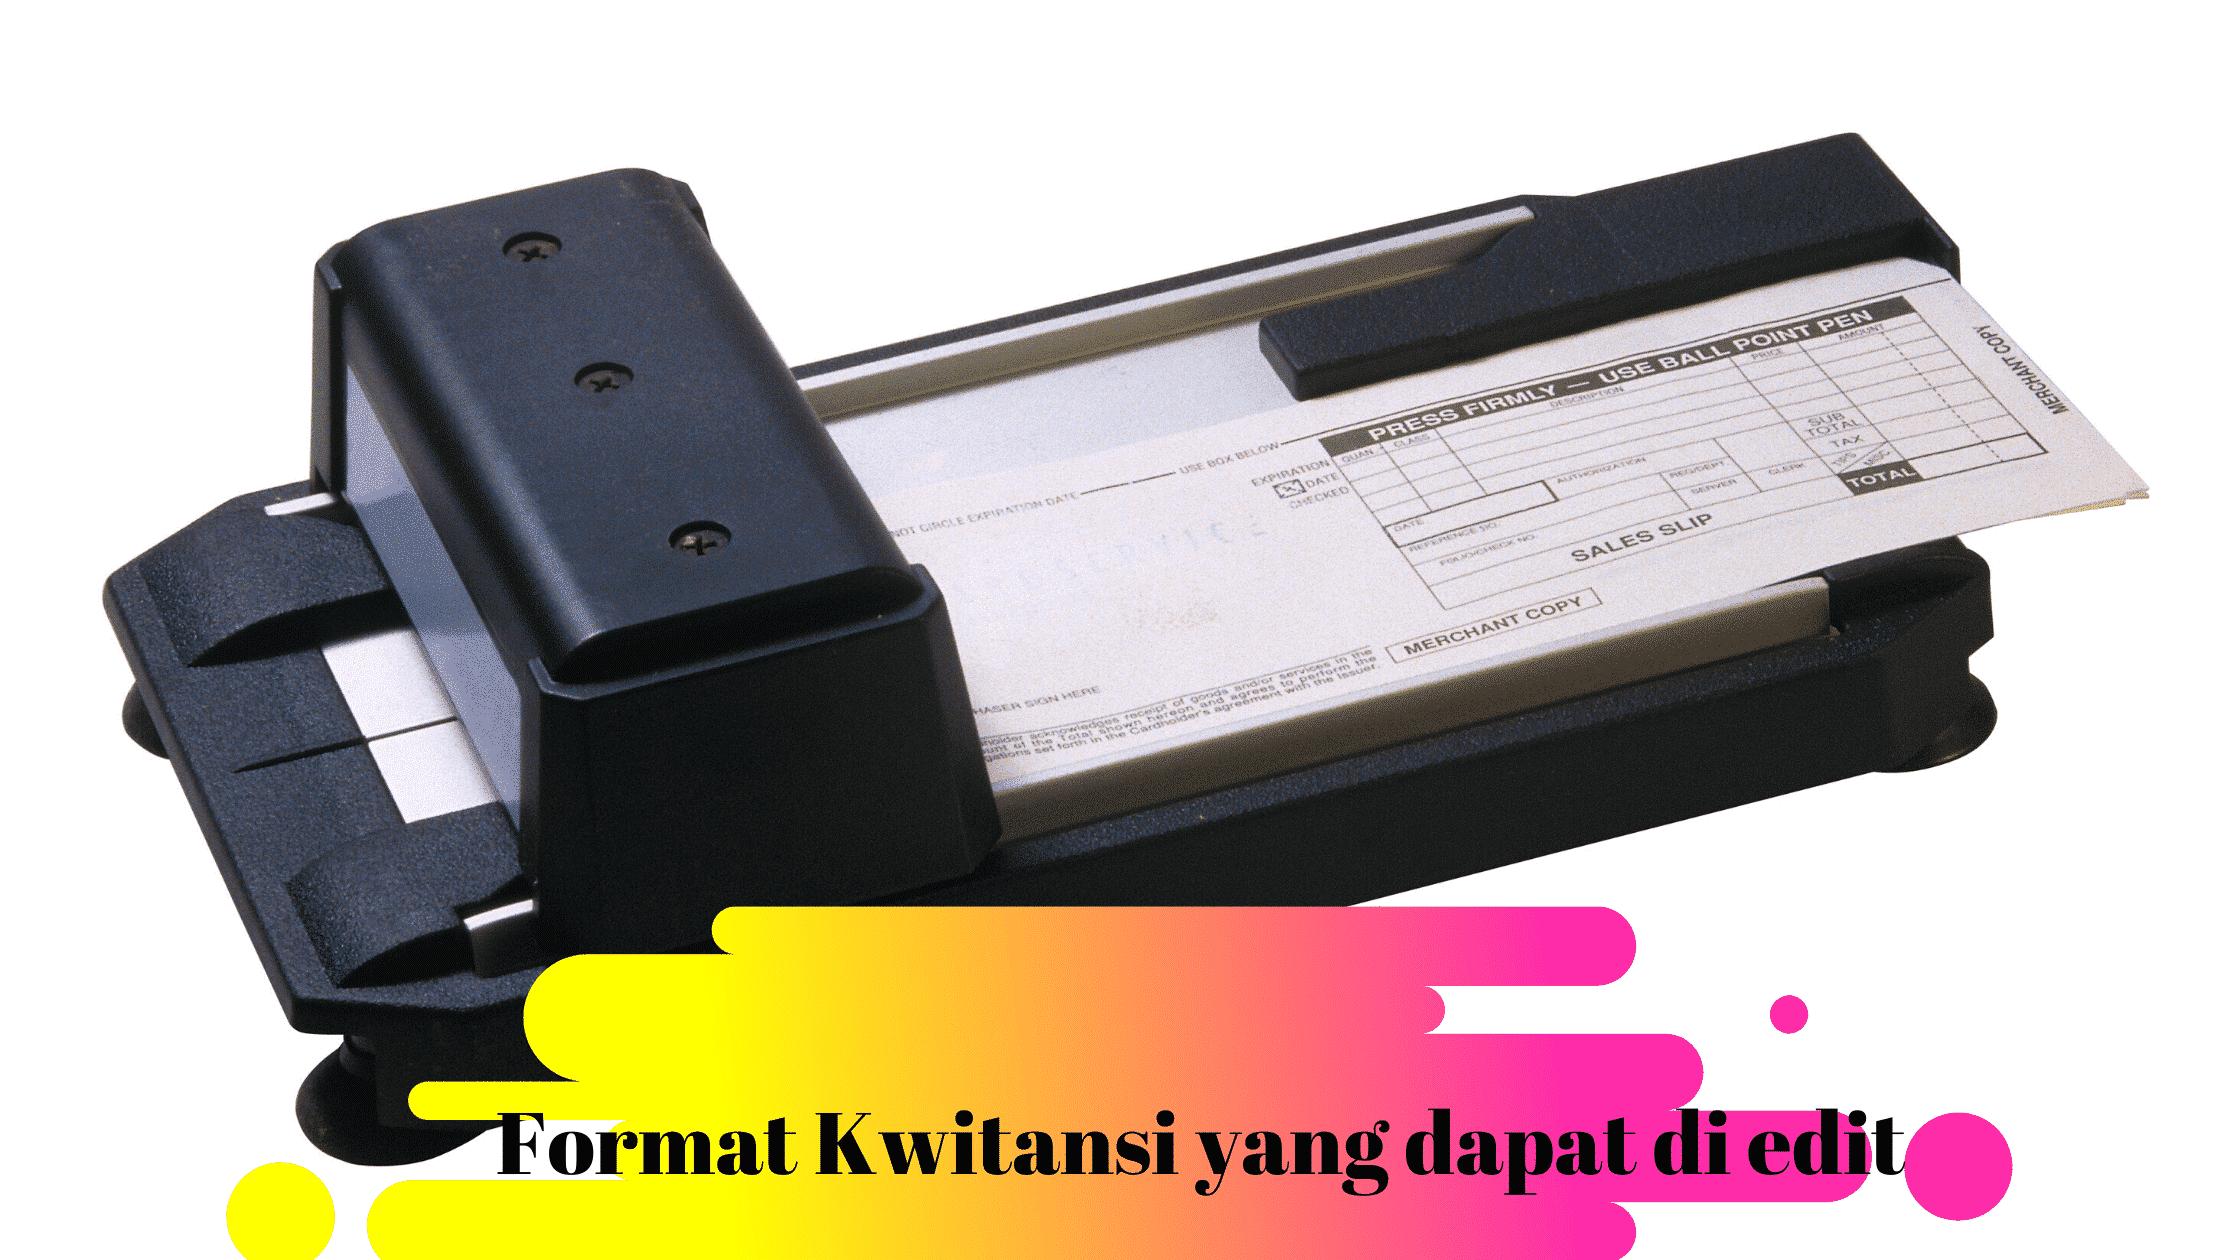 Format Kwitansi yang dapat di edit